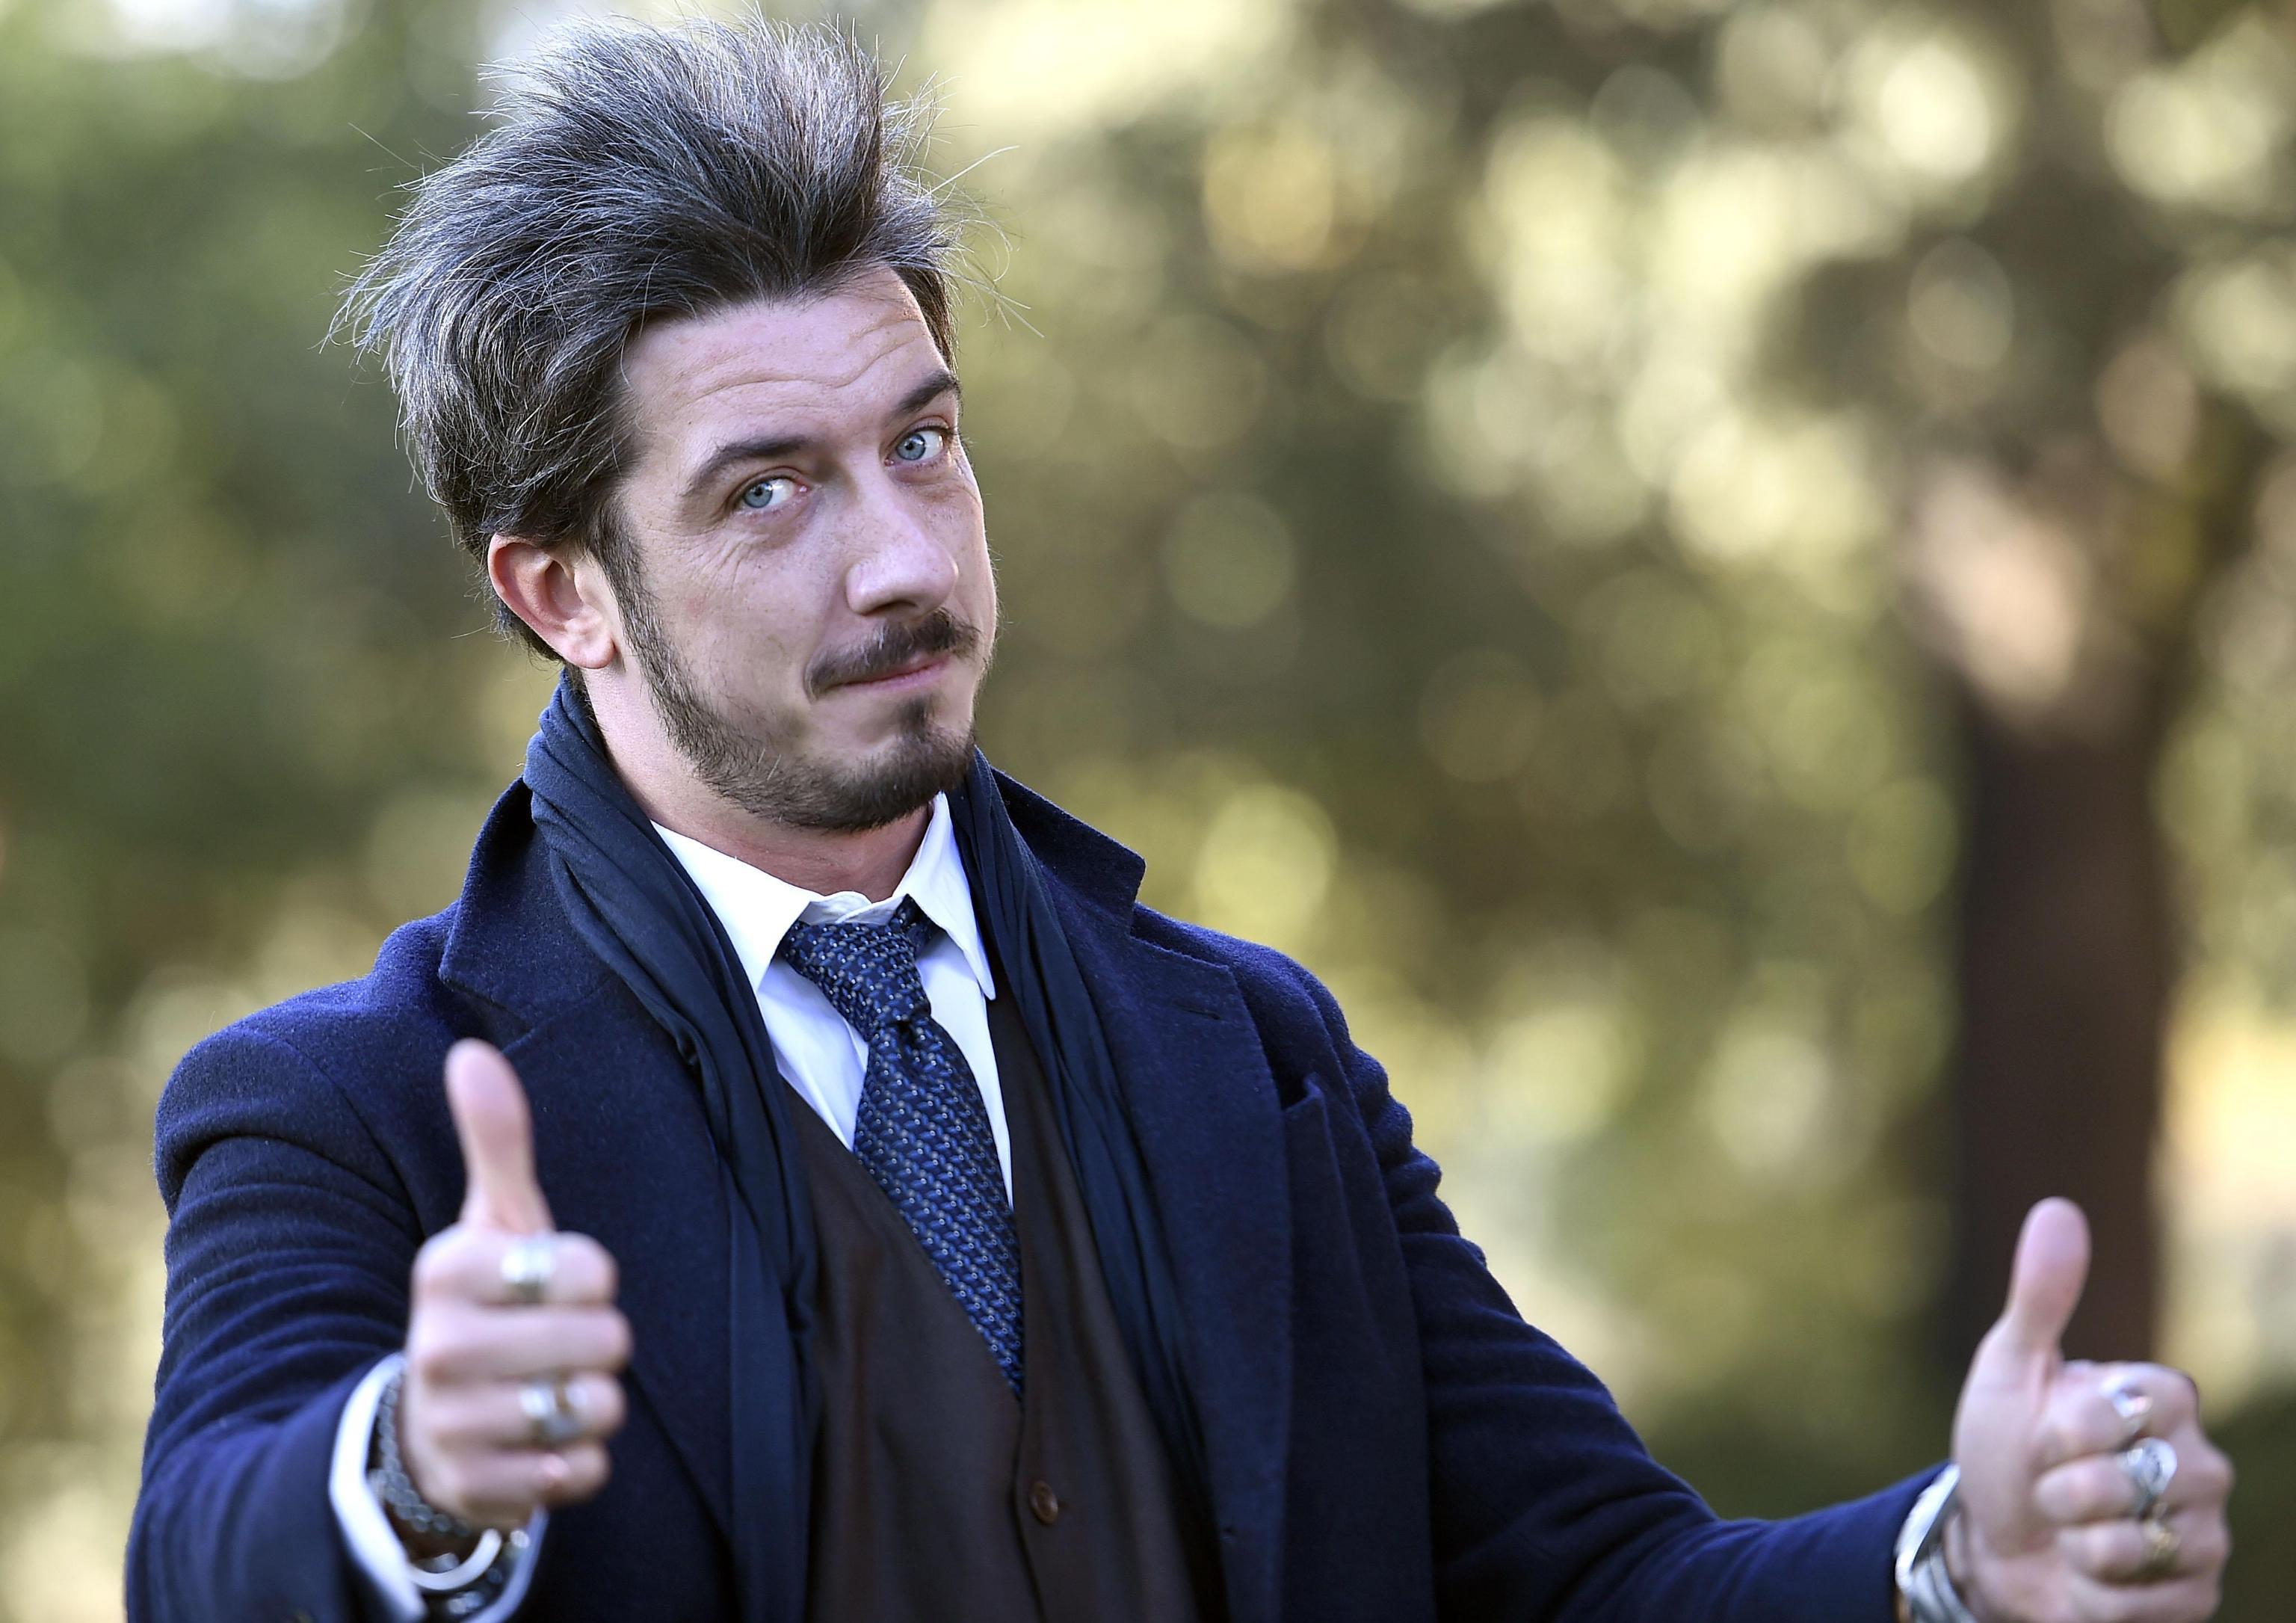 Paolo Ruffini tradito da Diana del Bufalo: 'Mi ha lasciato per un chirurgo, ma poi è tornata'